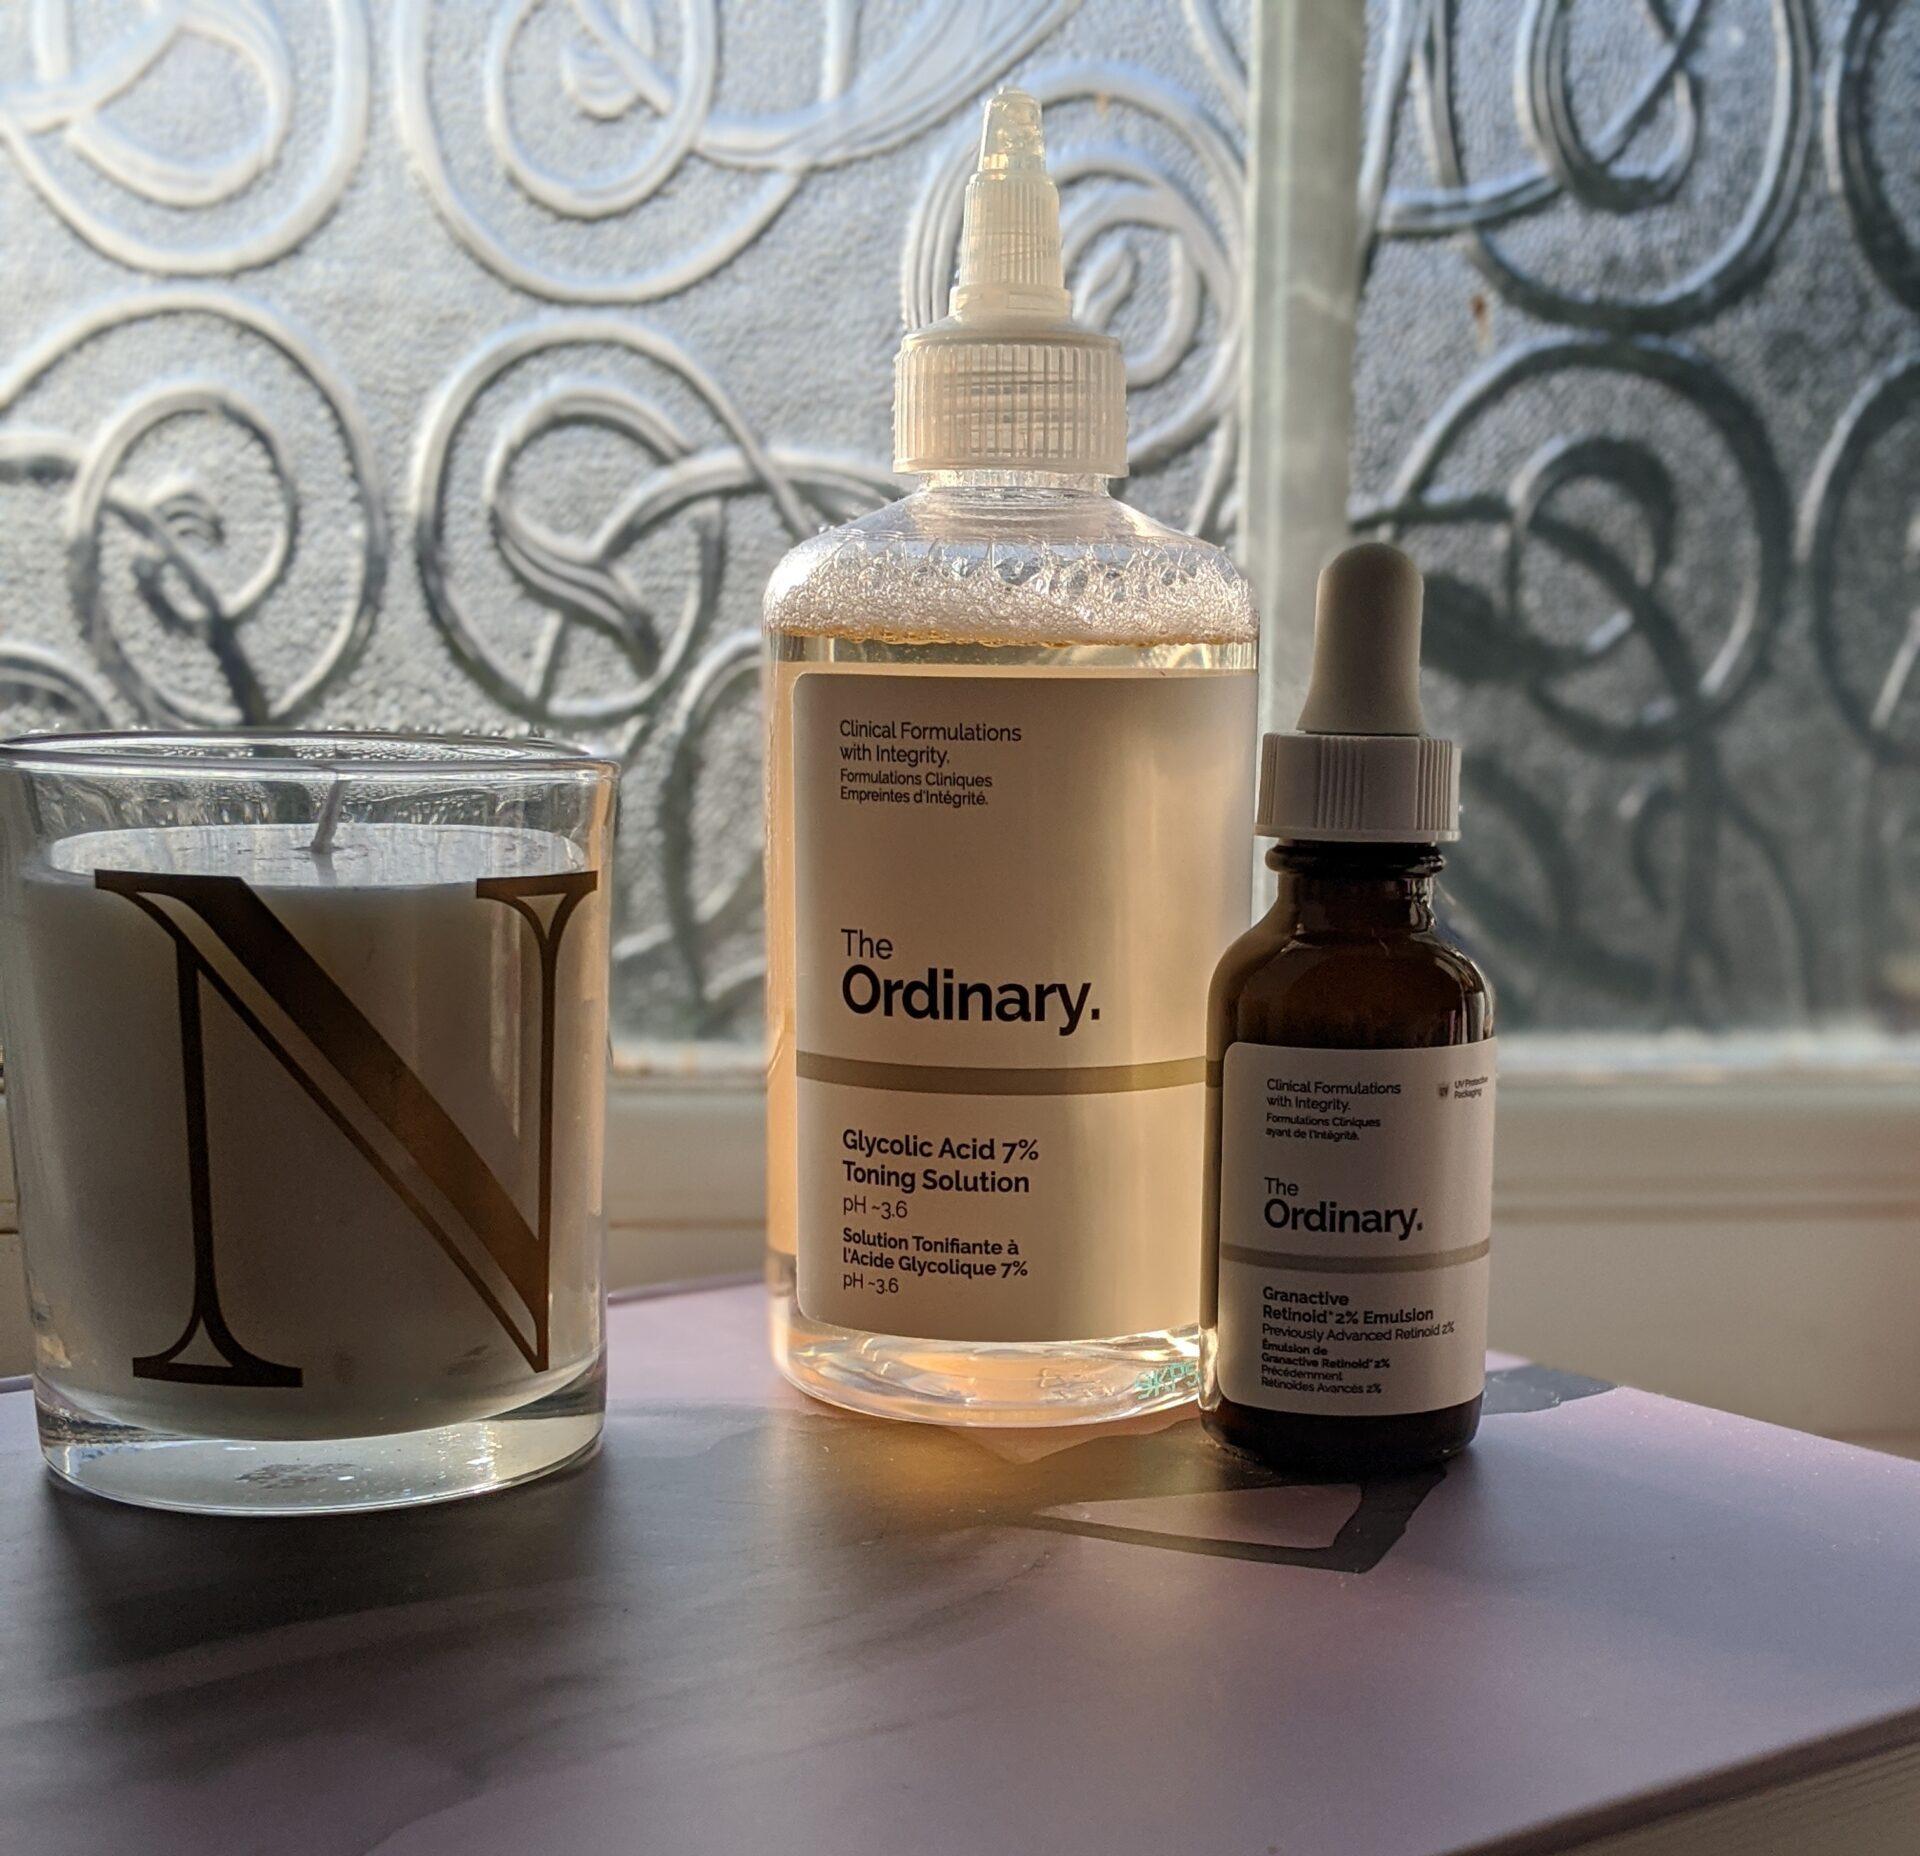 The ordinary Skincare